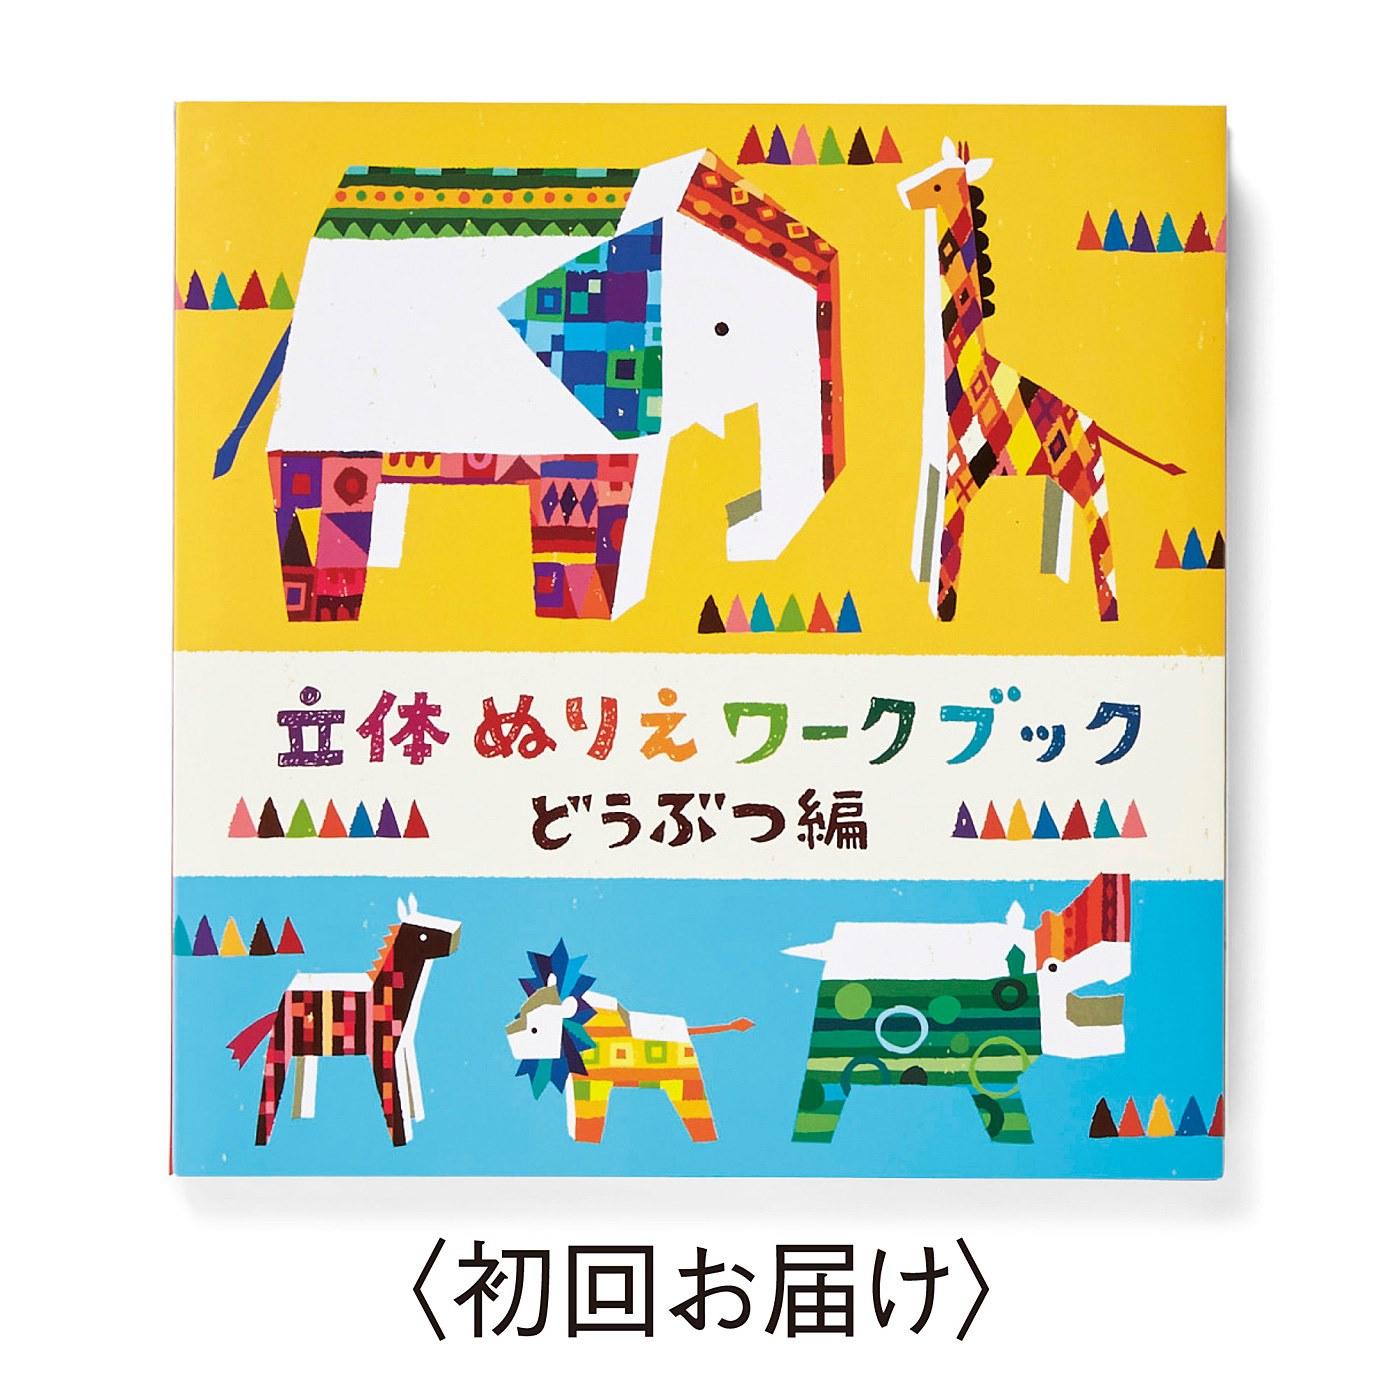 500色の色えんぴつプロジェクトスタッフおすすめ!キッズの感性広がるクリエイティブブック〈どうぶつ〉の会